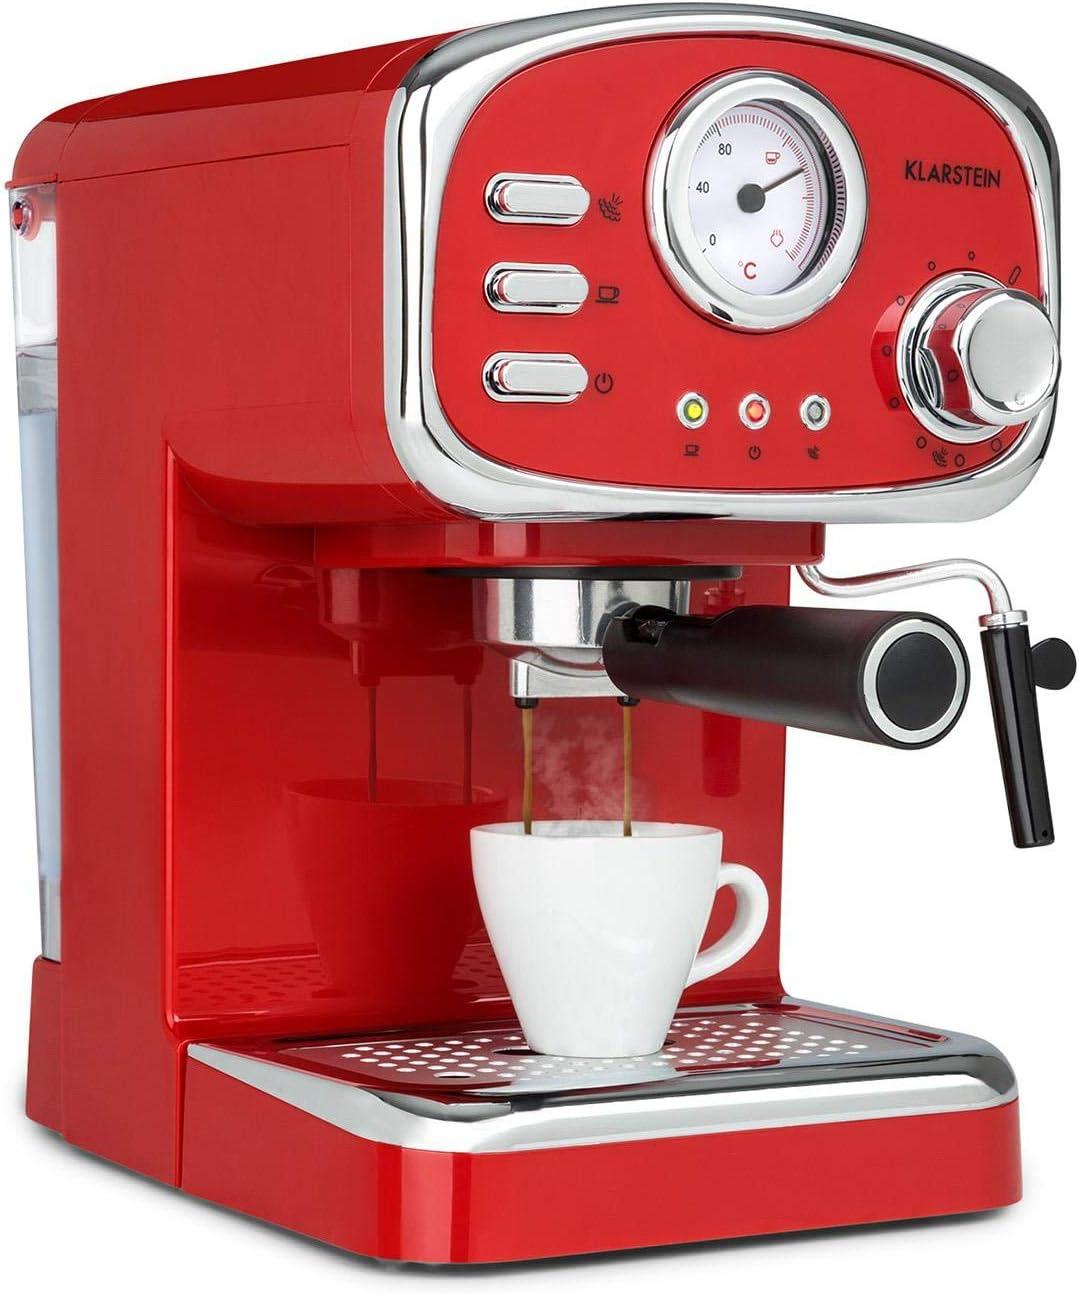 Klarstein Espressionata Gusto - Cafetera espresso, Rejilla acero inoxidable extraíble, EasyBrewing, Boquilla móvil para espuma y agua caliente, Depósito 1L, 1100W, 15 bar de presión, Rojo